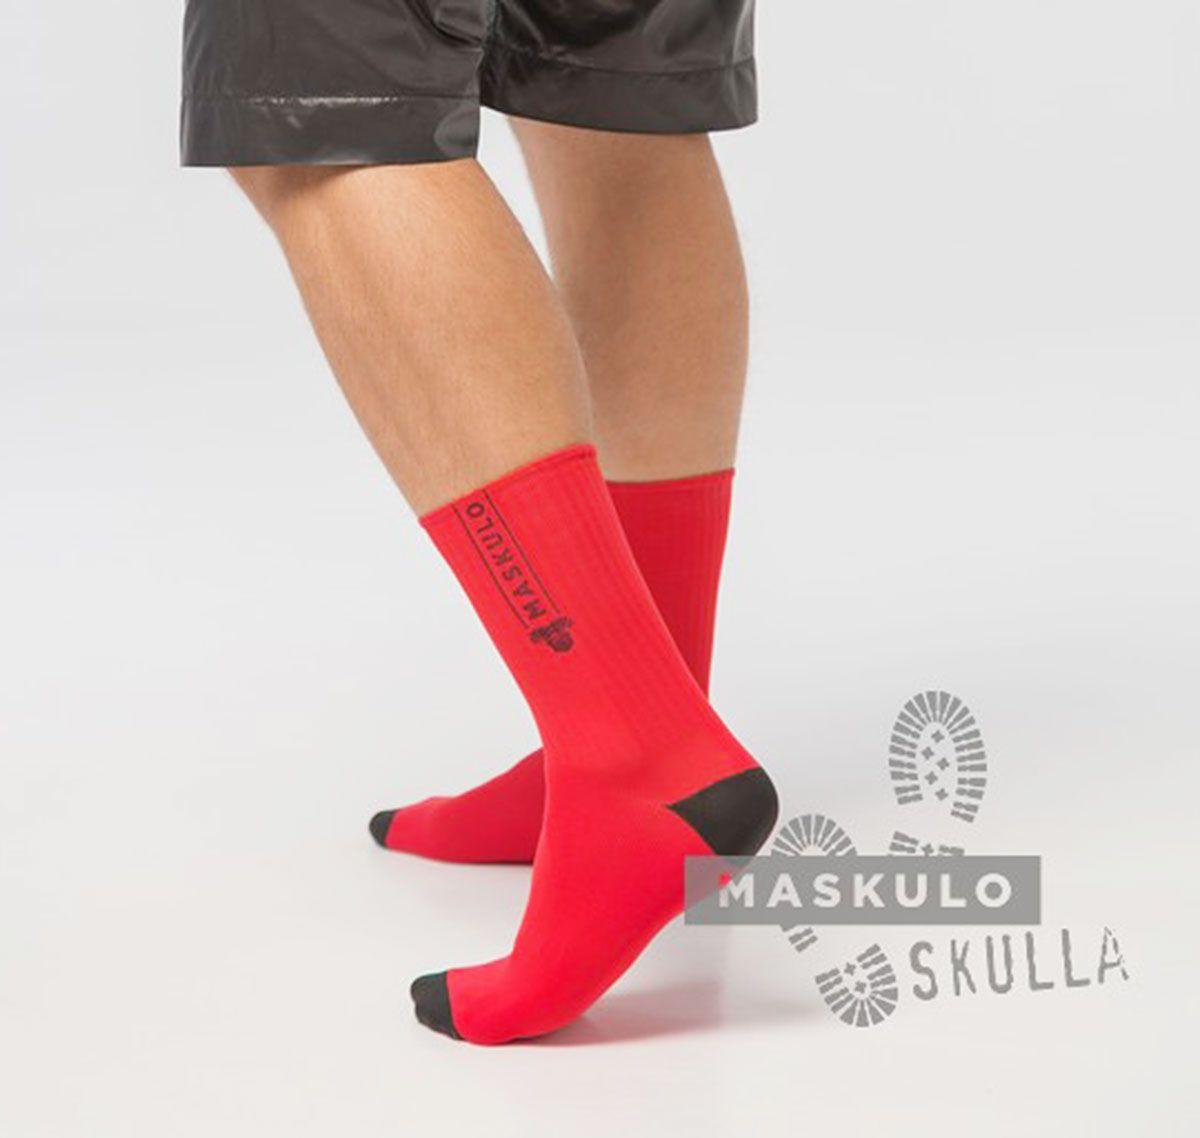 MASKULO Chaussettes Fétiches SKULLA. AC077, rouge